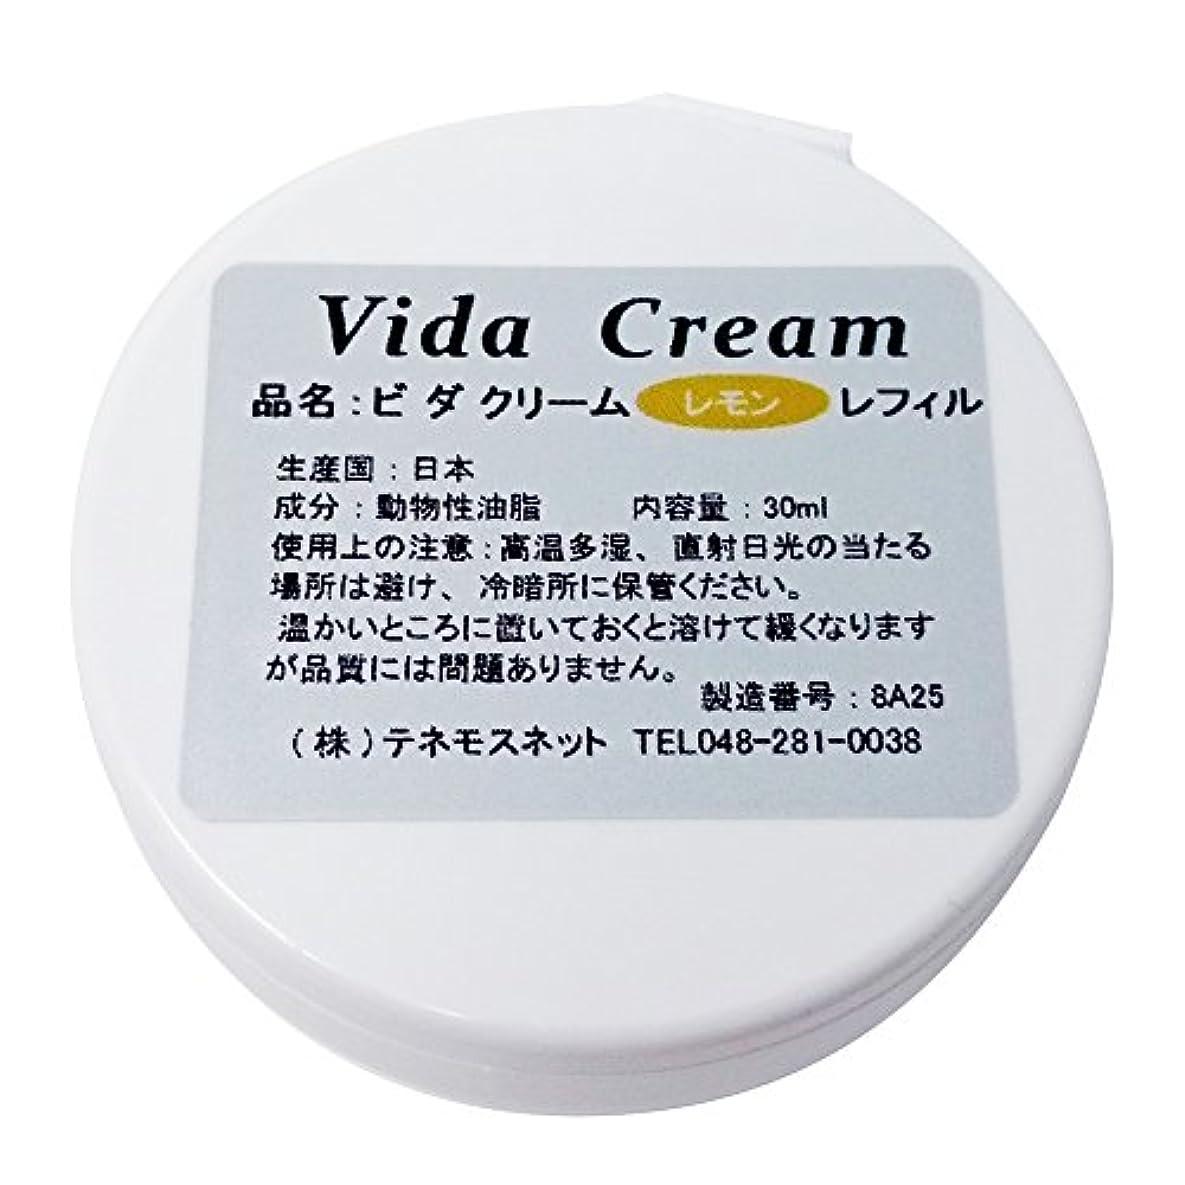 組み合わせる高原好きであるテネモス ビダクリーム Vida Cream ほのかレモン レフィル 付替用 30ml